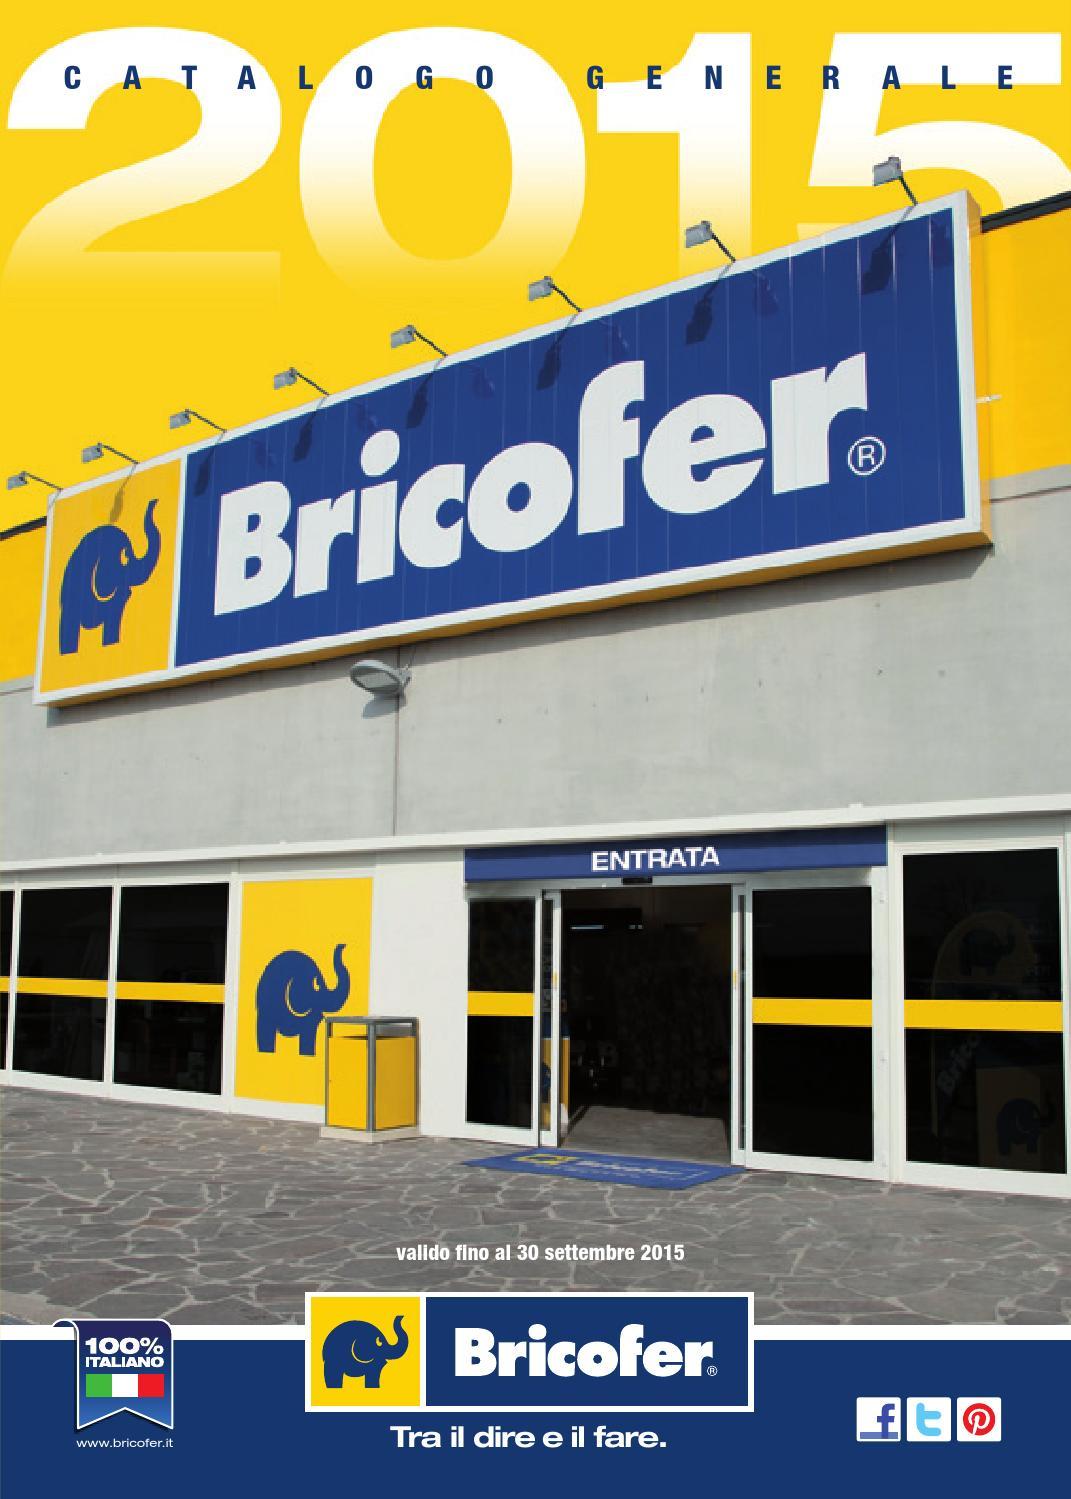 Bricofer catalogo generale 2015 by Bricofer Italia SPA  Issuu